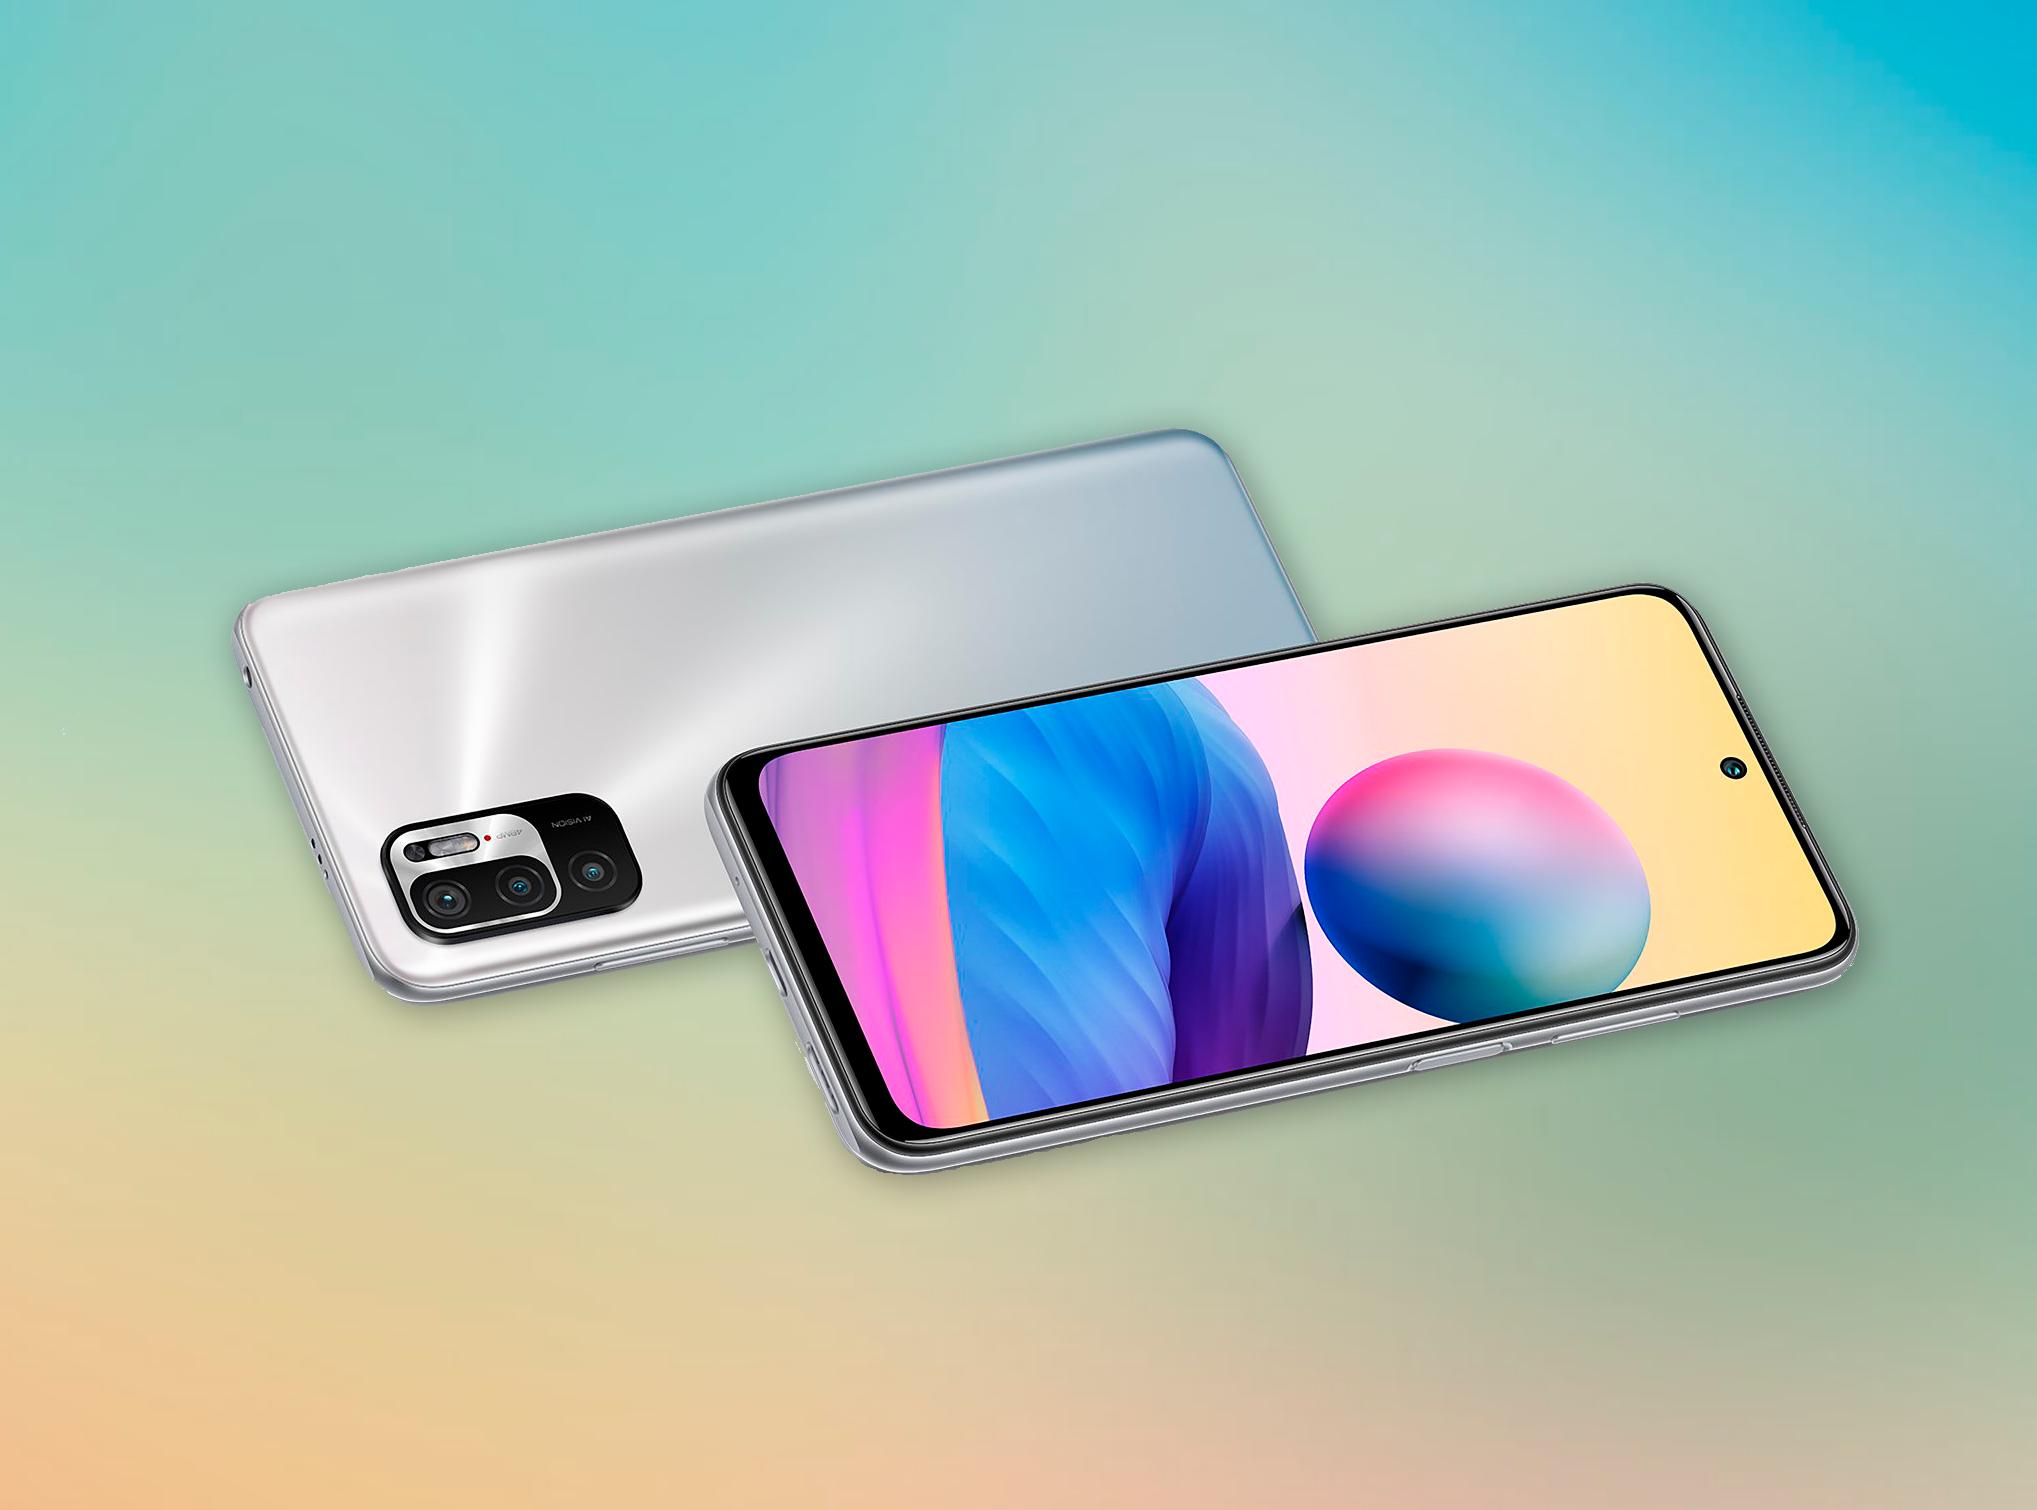 Nuevos Xiaomi Redmi Note 10S y Redmi Note 10 5G, ¿qué novedades tienen? ¿merecen la pena?